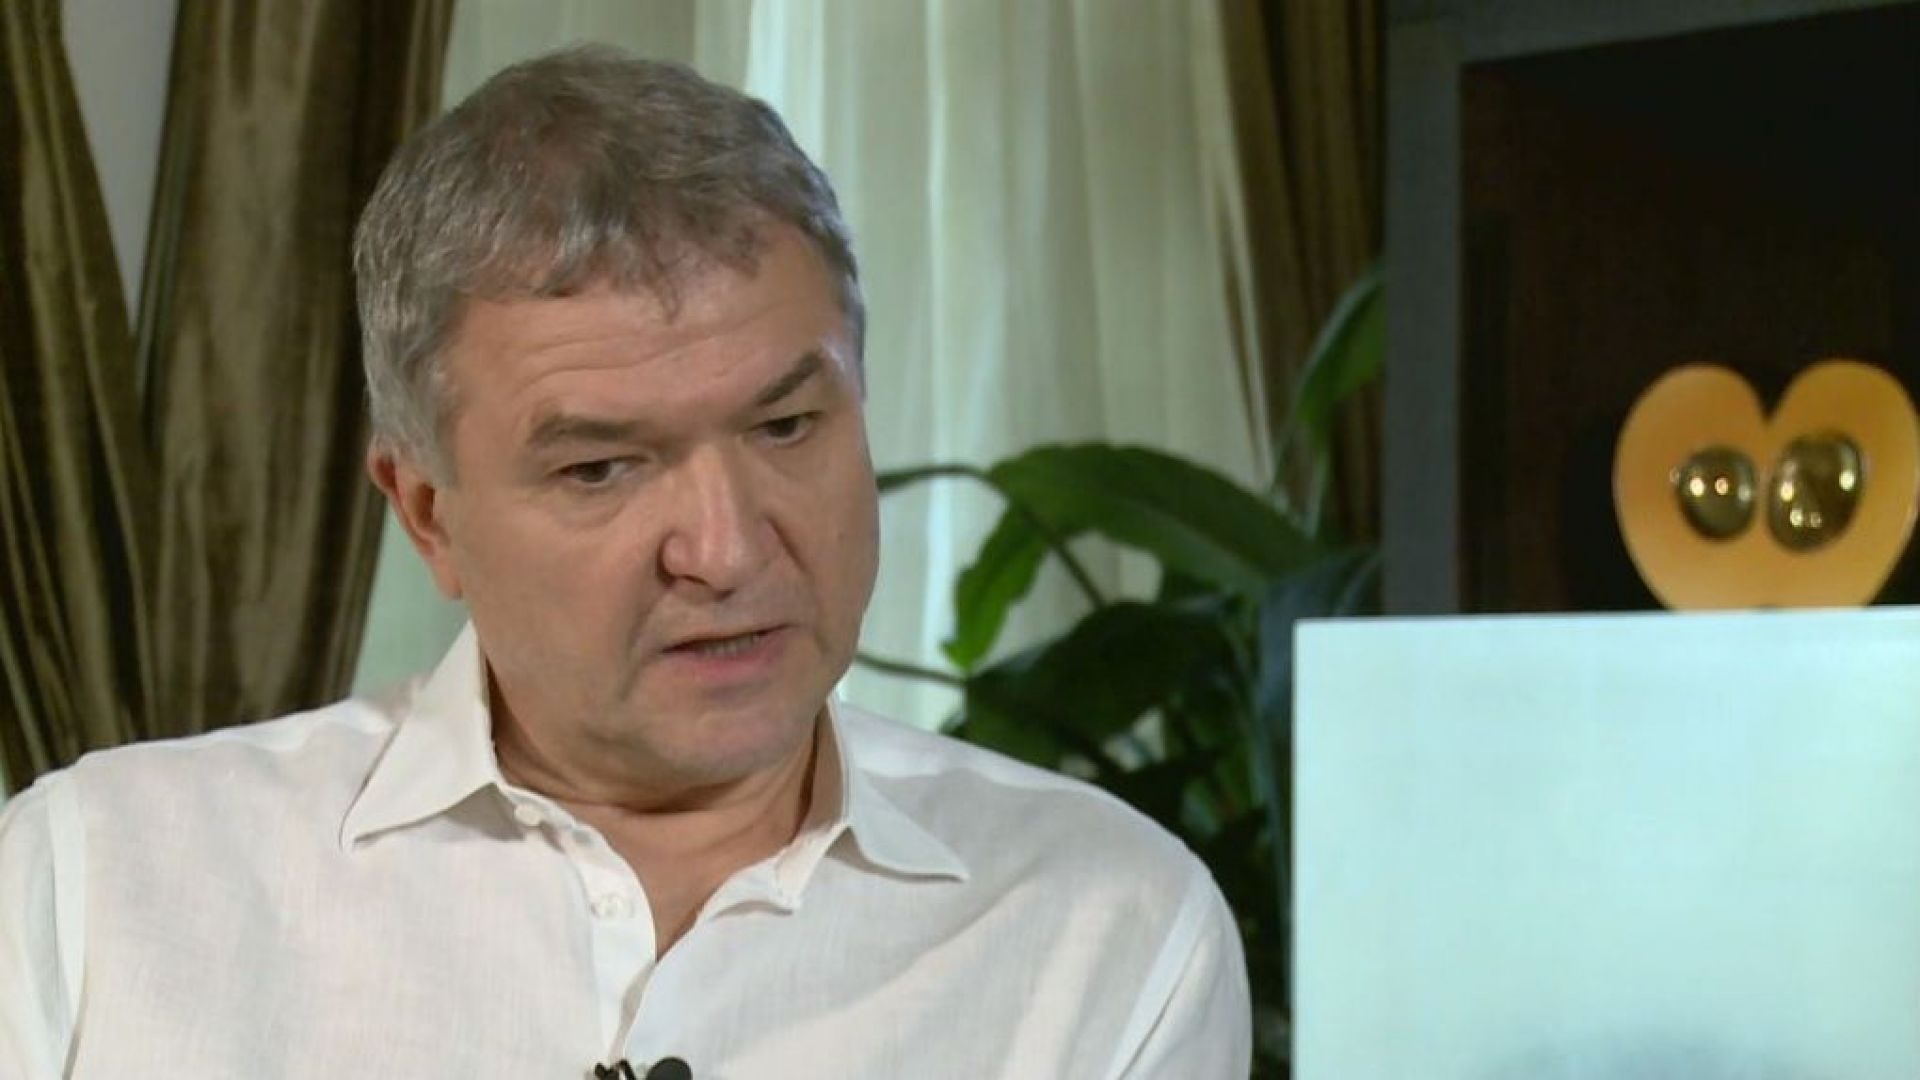 Пламен Бобоков призна, че лобирал за прокурор в Русе, но там всички се назначавали от Пламен Нунев